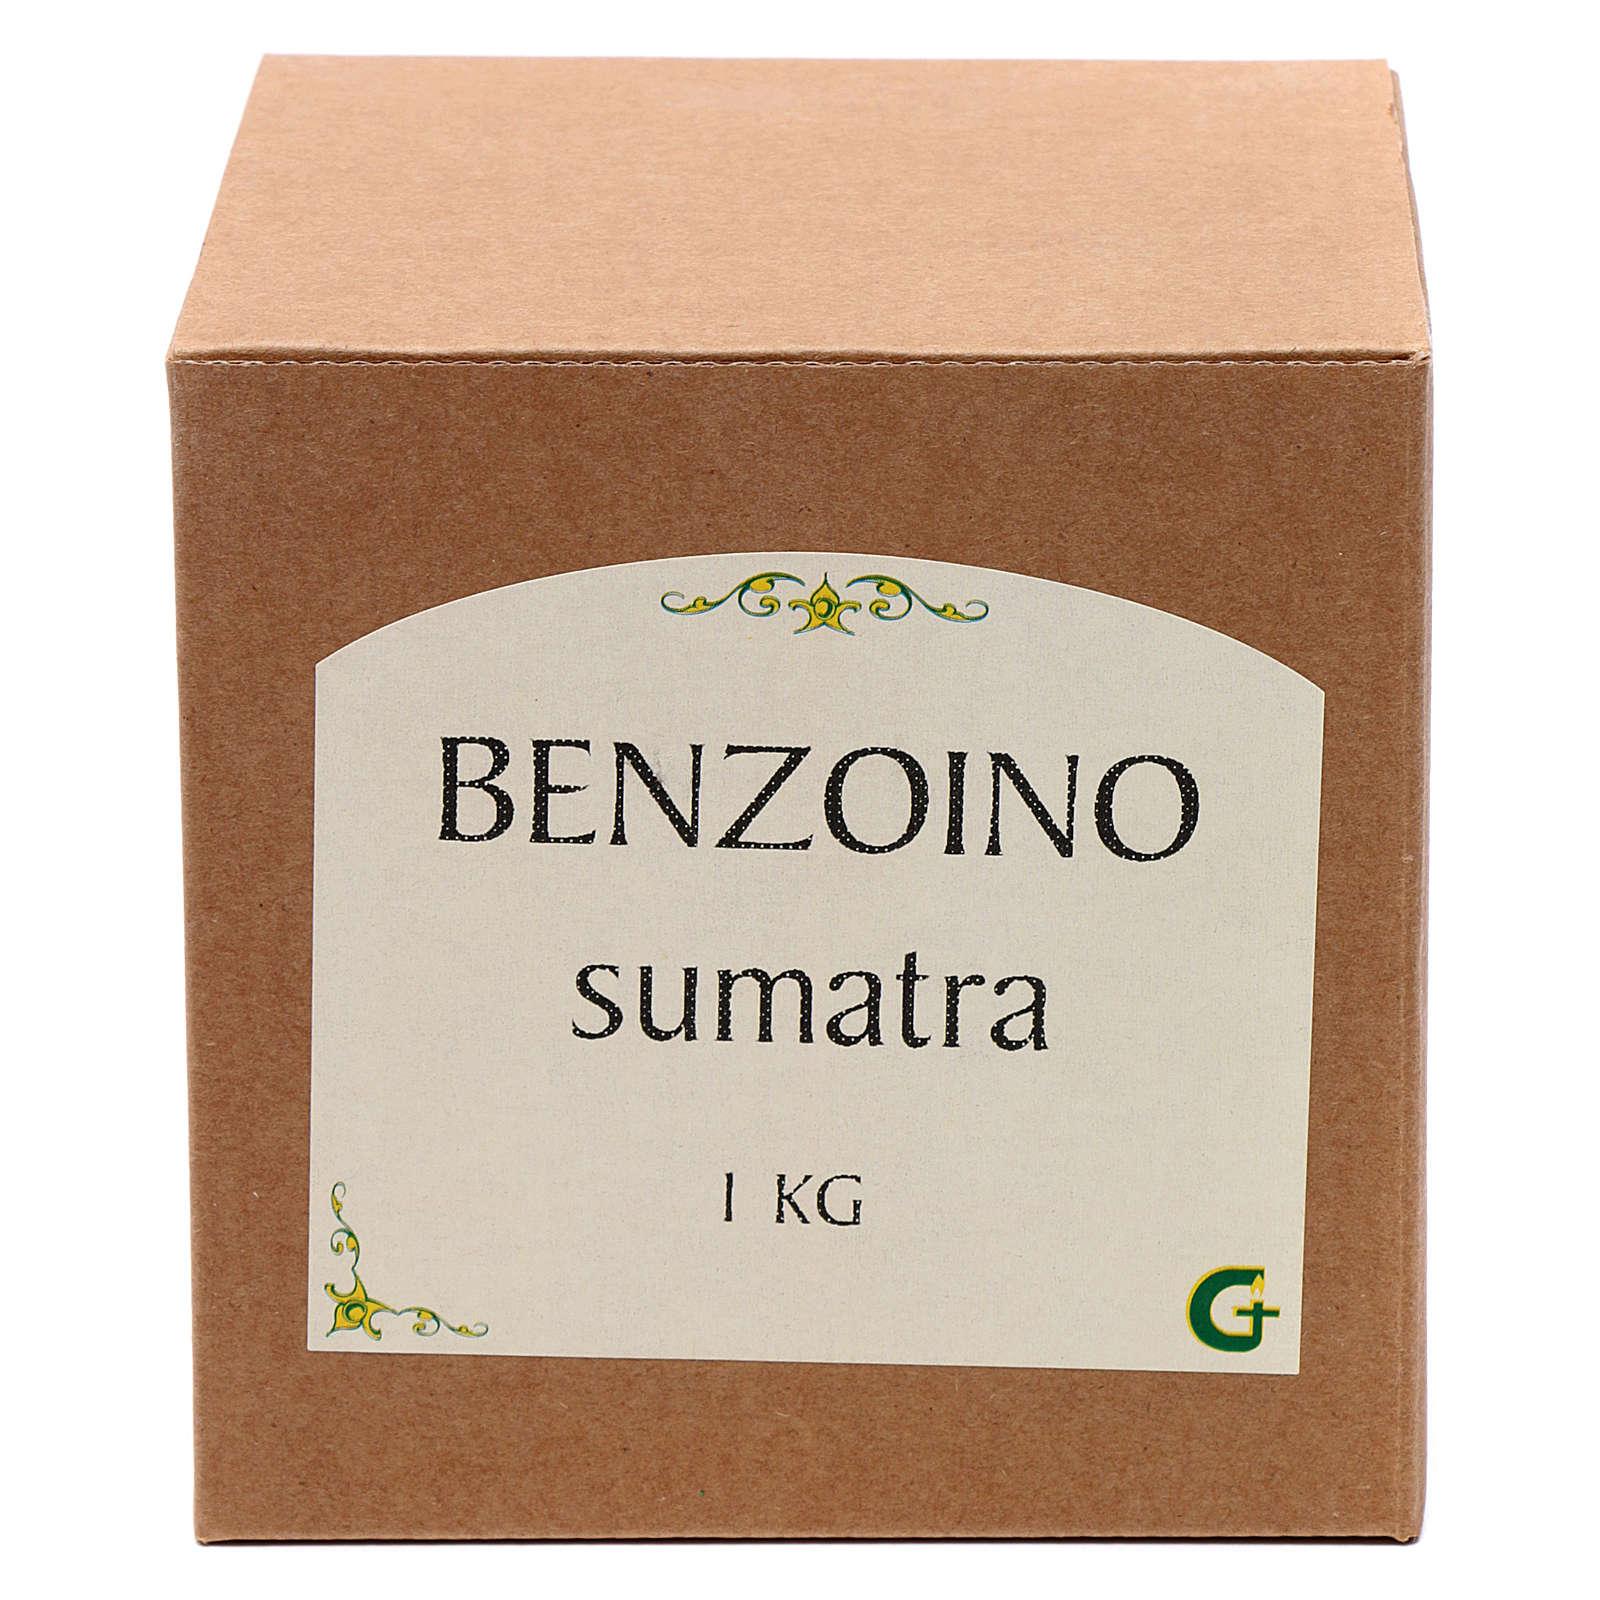 Benzoino Sumatra 1 kg 3